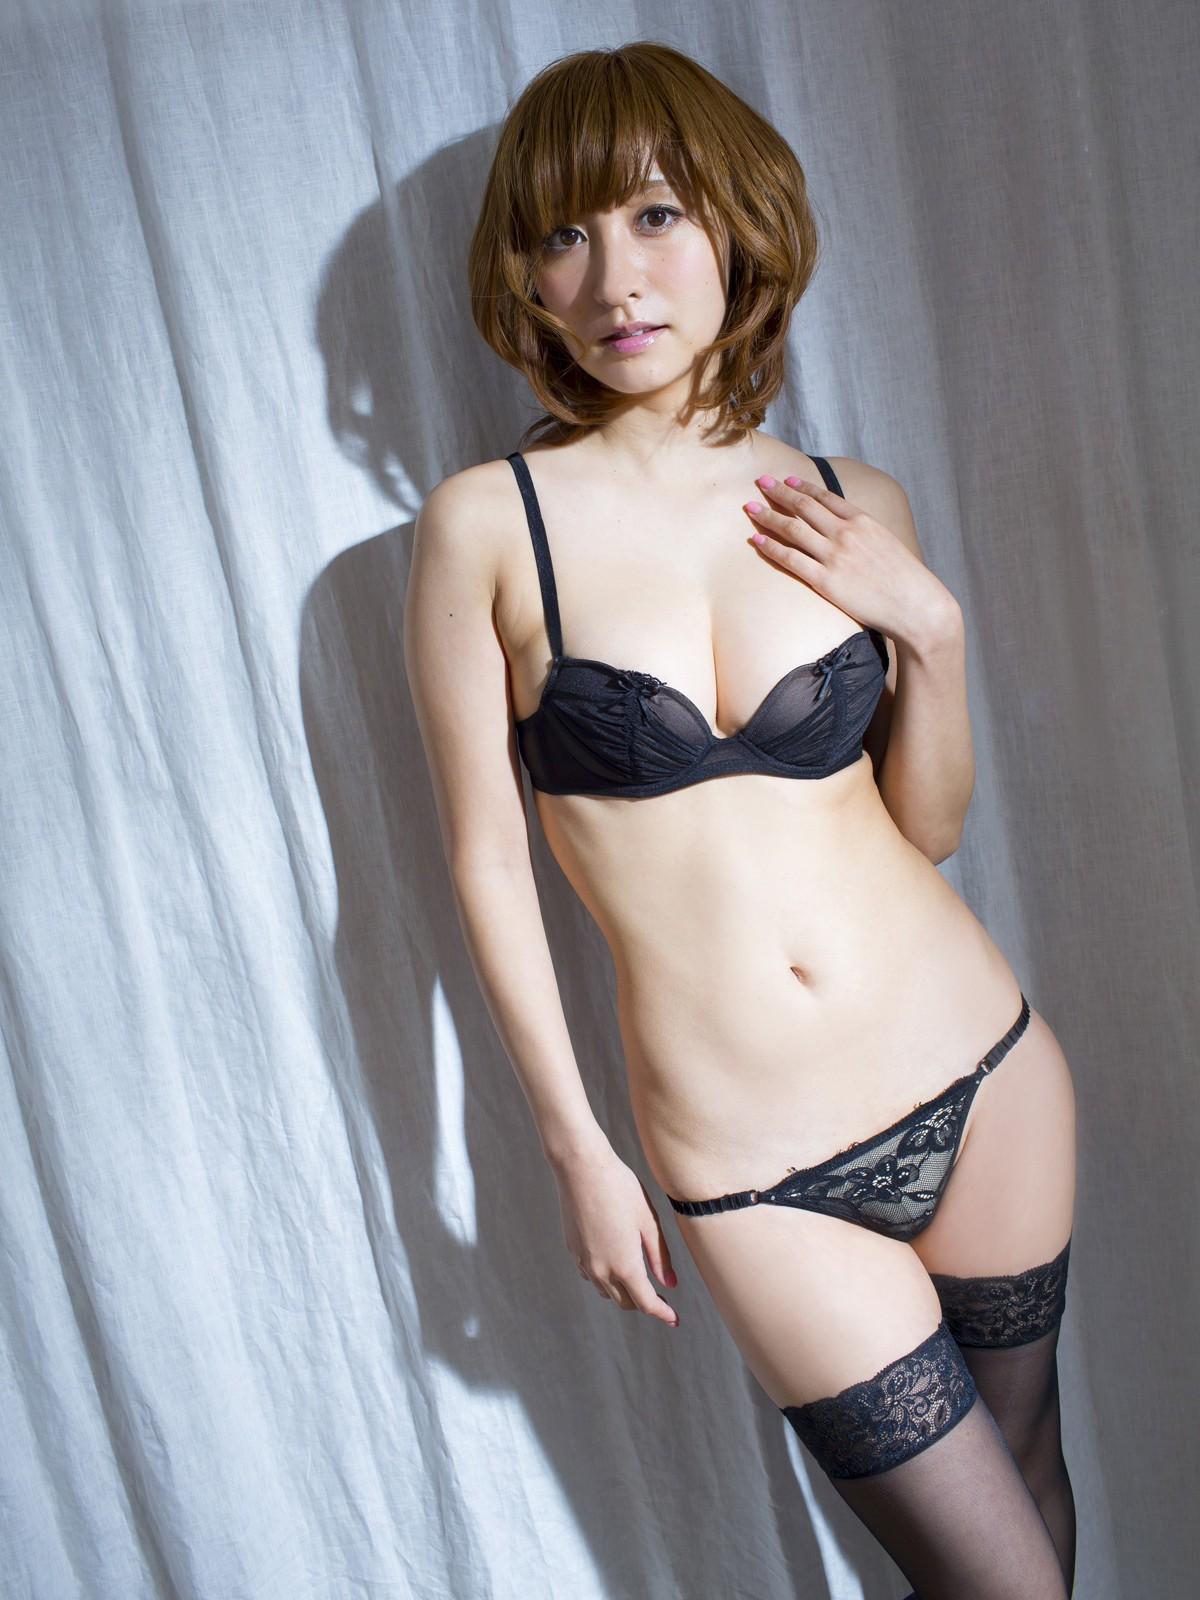 【下着姿エロ画像】裸よりもそそる女の下着姿、脱がせなくても満足できるレベルのwww  16